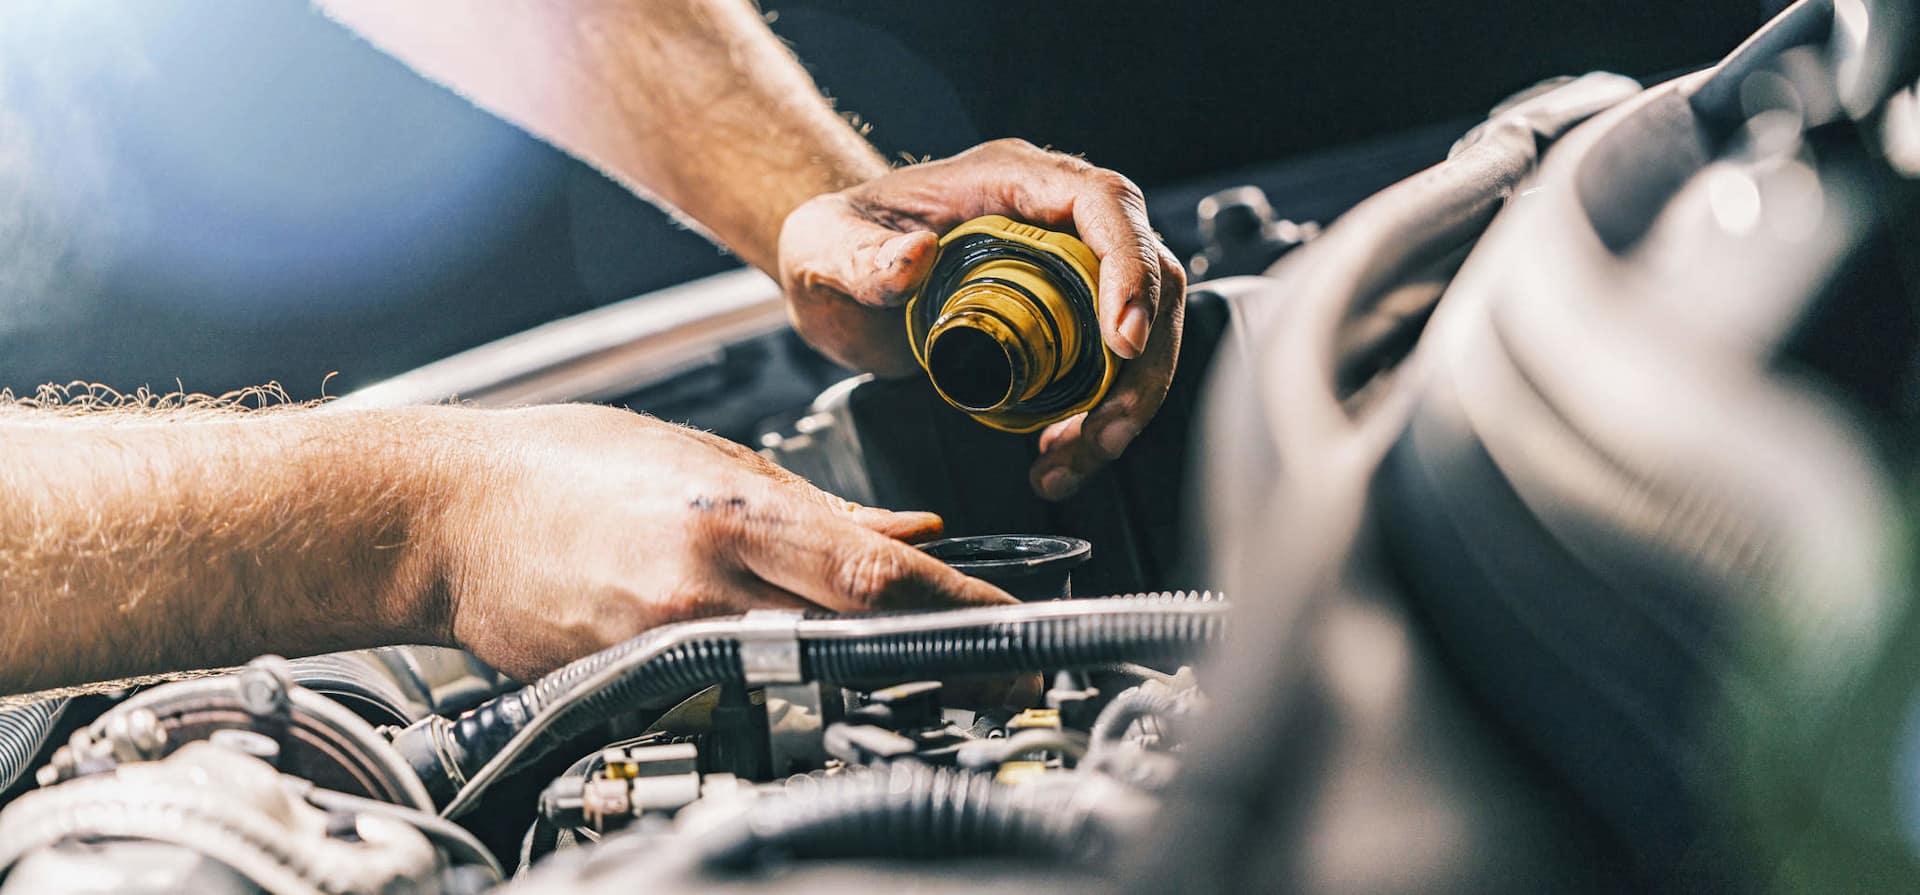 Car Repair in Rockingham County